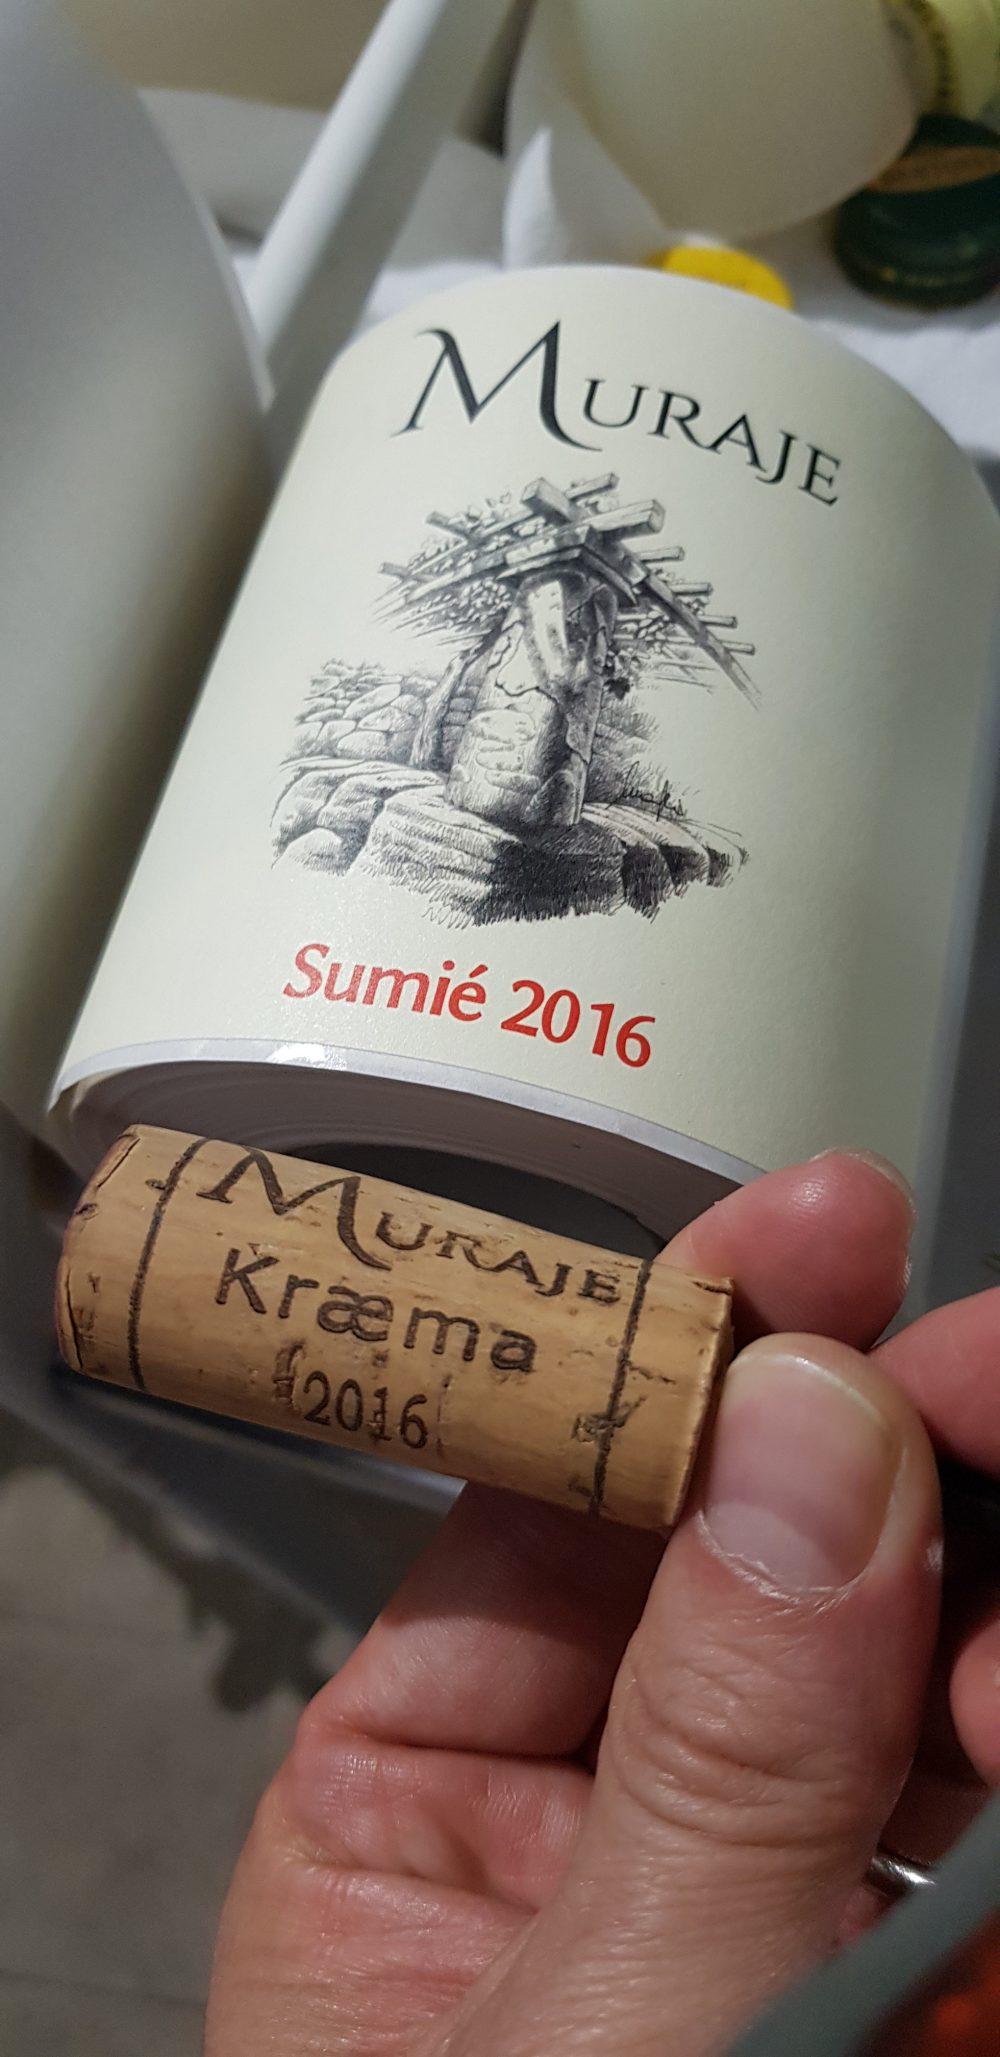 Muraje Carema - Sumie'